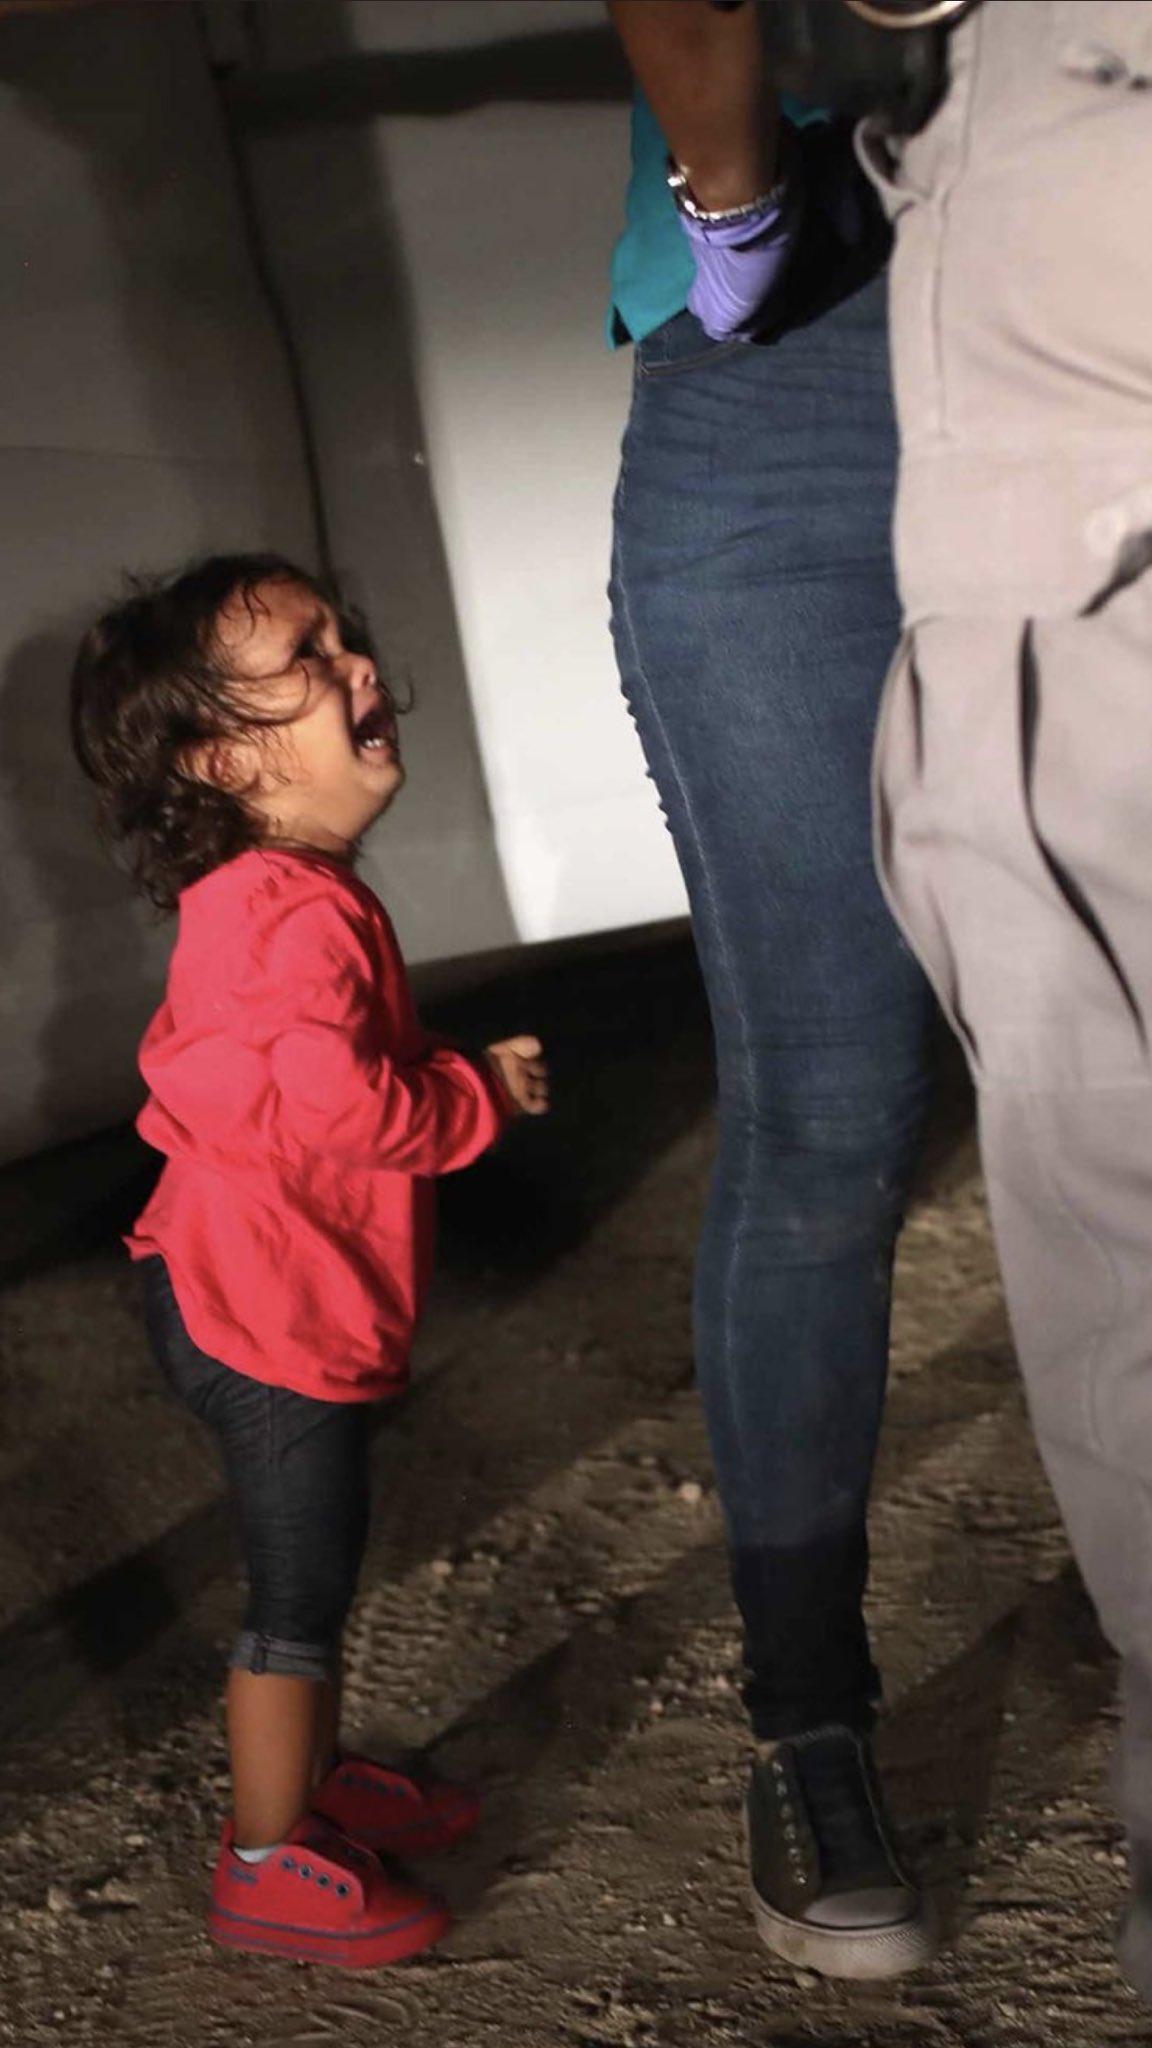 VIDEO: La foto de esta niña separada de su madre expresa la realidad migratoria en EU https://t.co/lEhKjWlLzL https://t.co/n2CglCMGpx